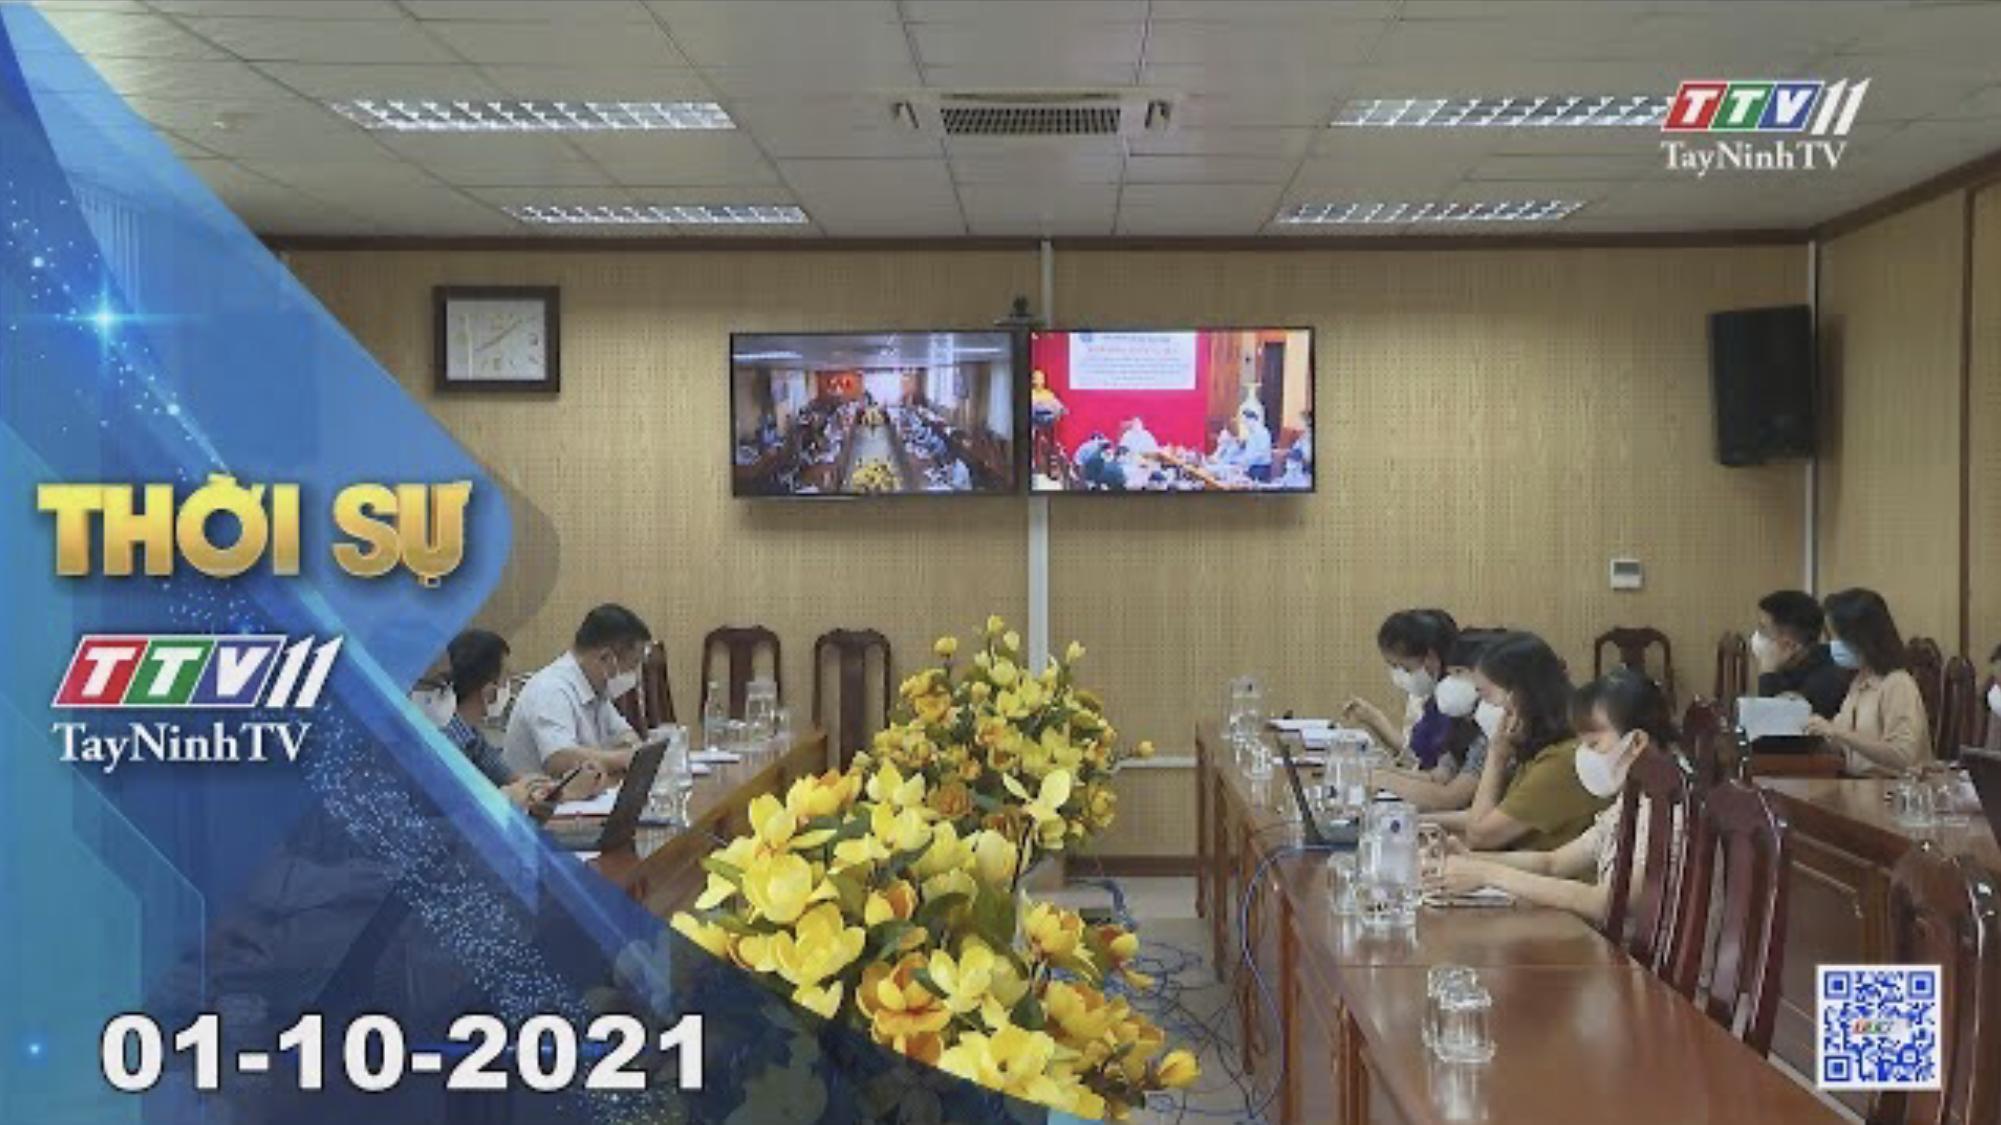 THỜI SỰ TÂY NINH 01/10/2021 | Tin tức hôm nay | TayNinhTV